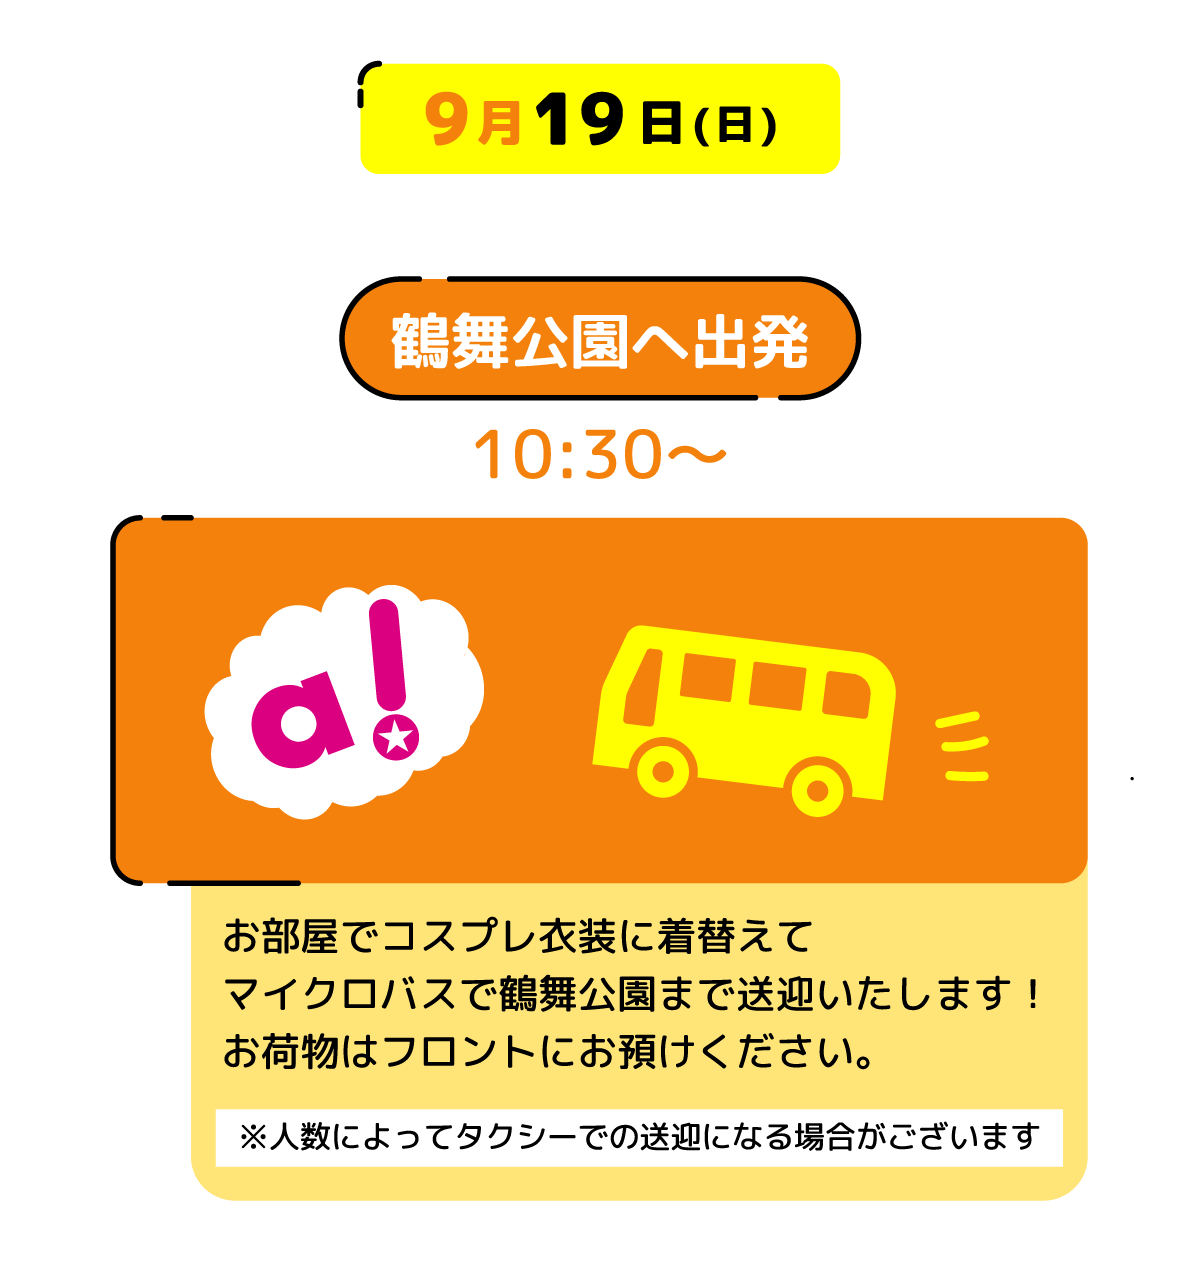 9月19日鶴舞公園へ出発